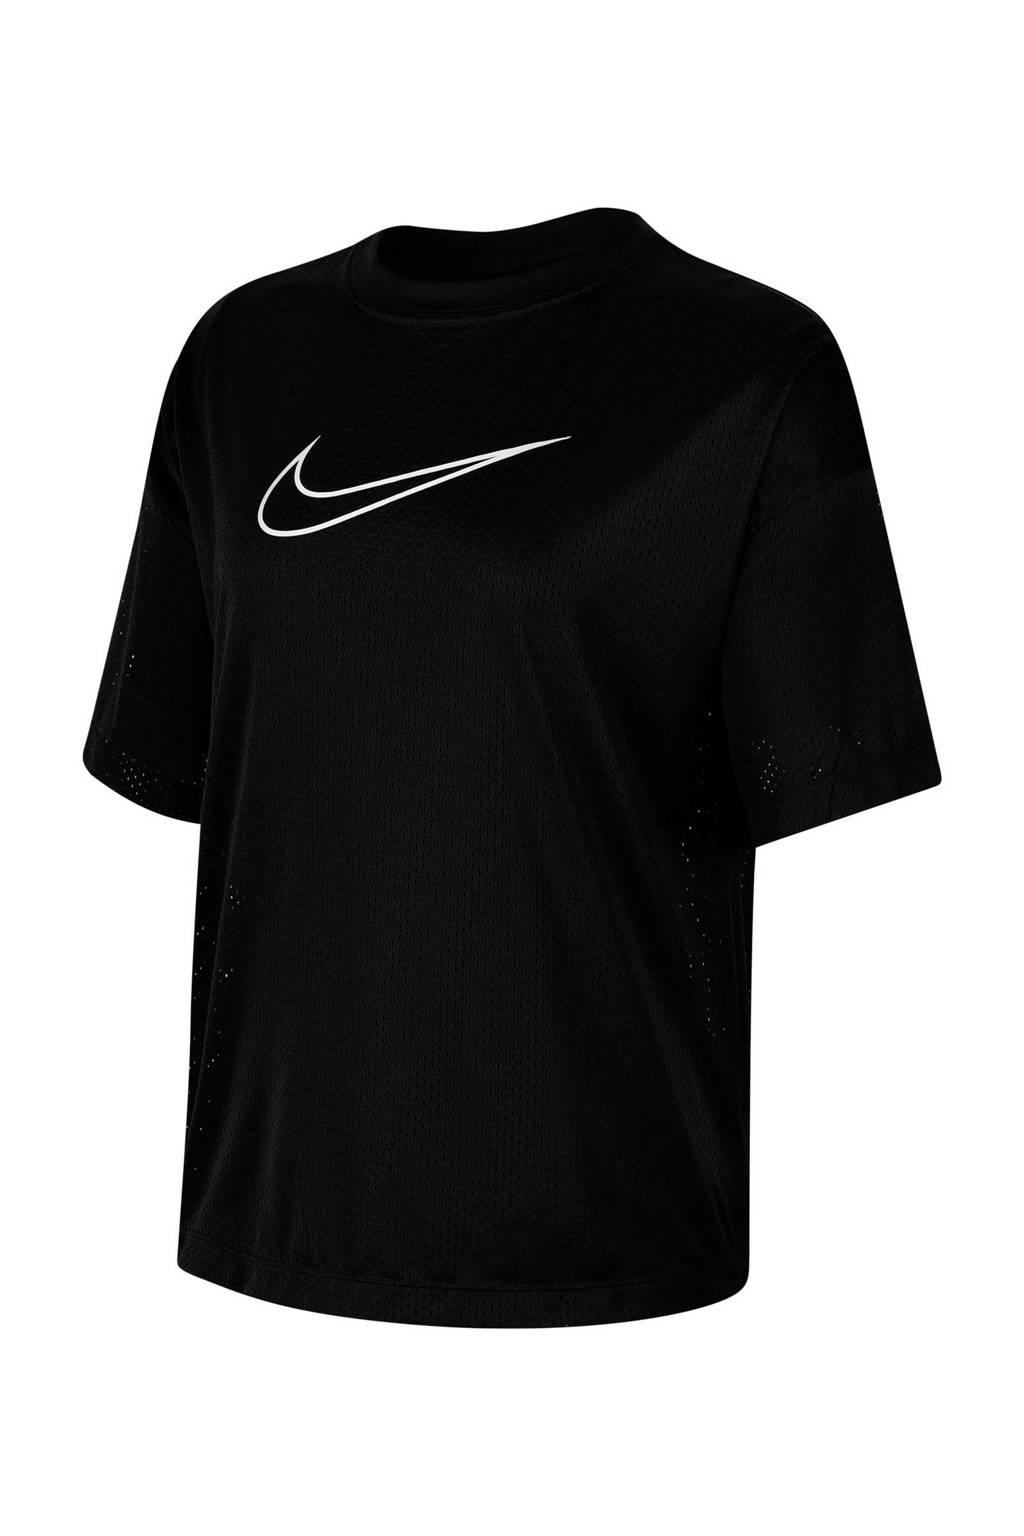 Nike T-shirt zwart, Zwart